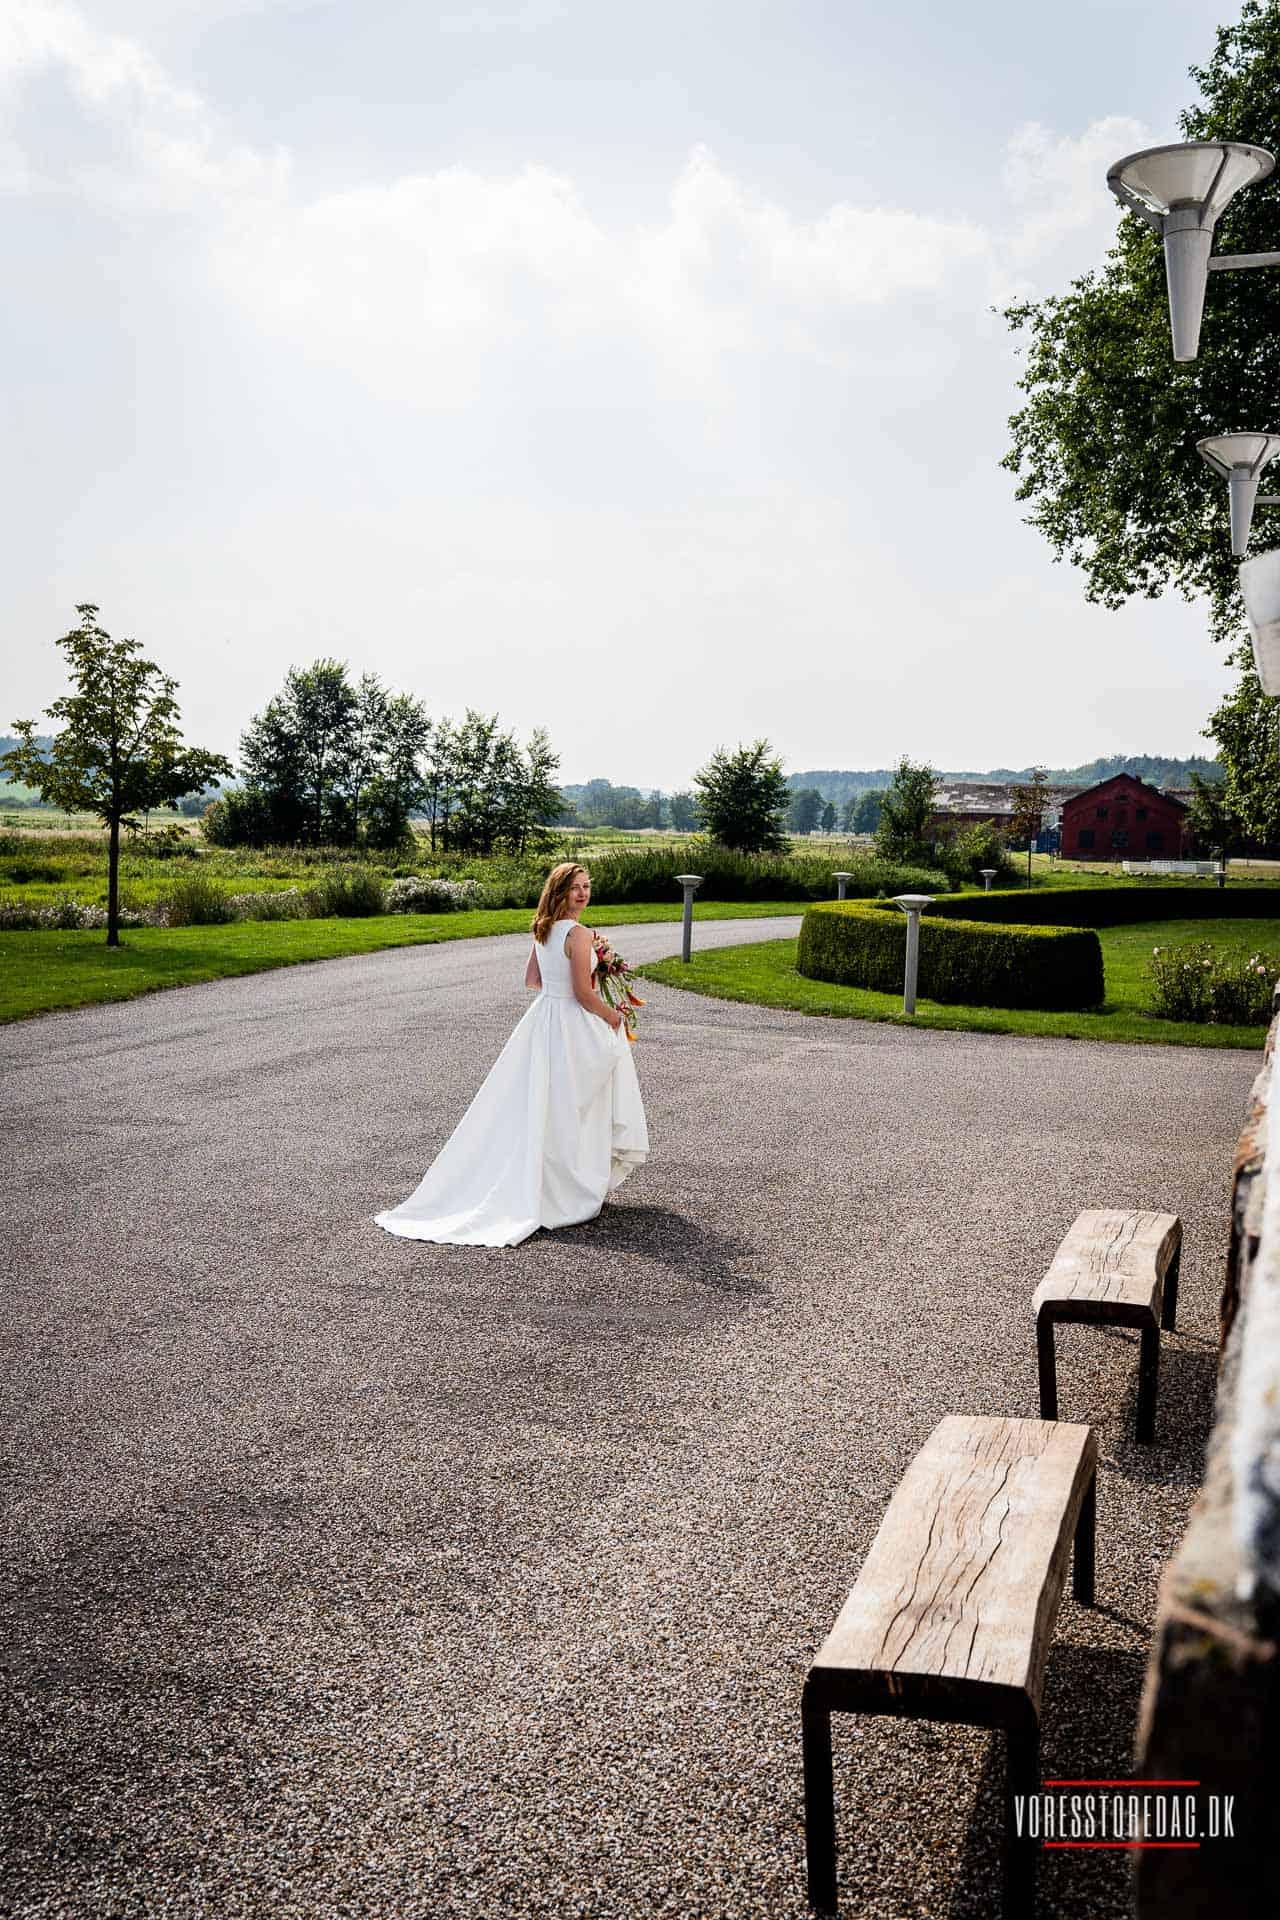 Bryllupsfotograf i Århus, Viborg, Sønderborg, Aalborg, København og resten af Danmark. Mangler du en bryllupsfotograf til dit bryllup?